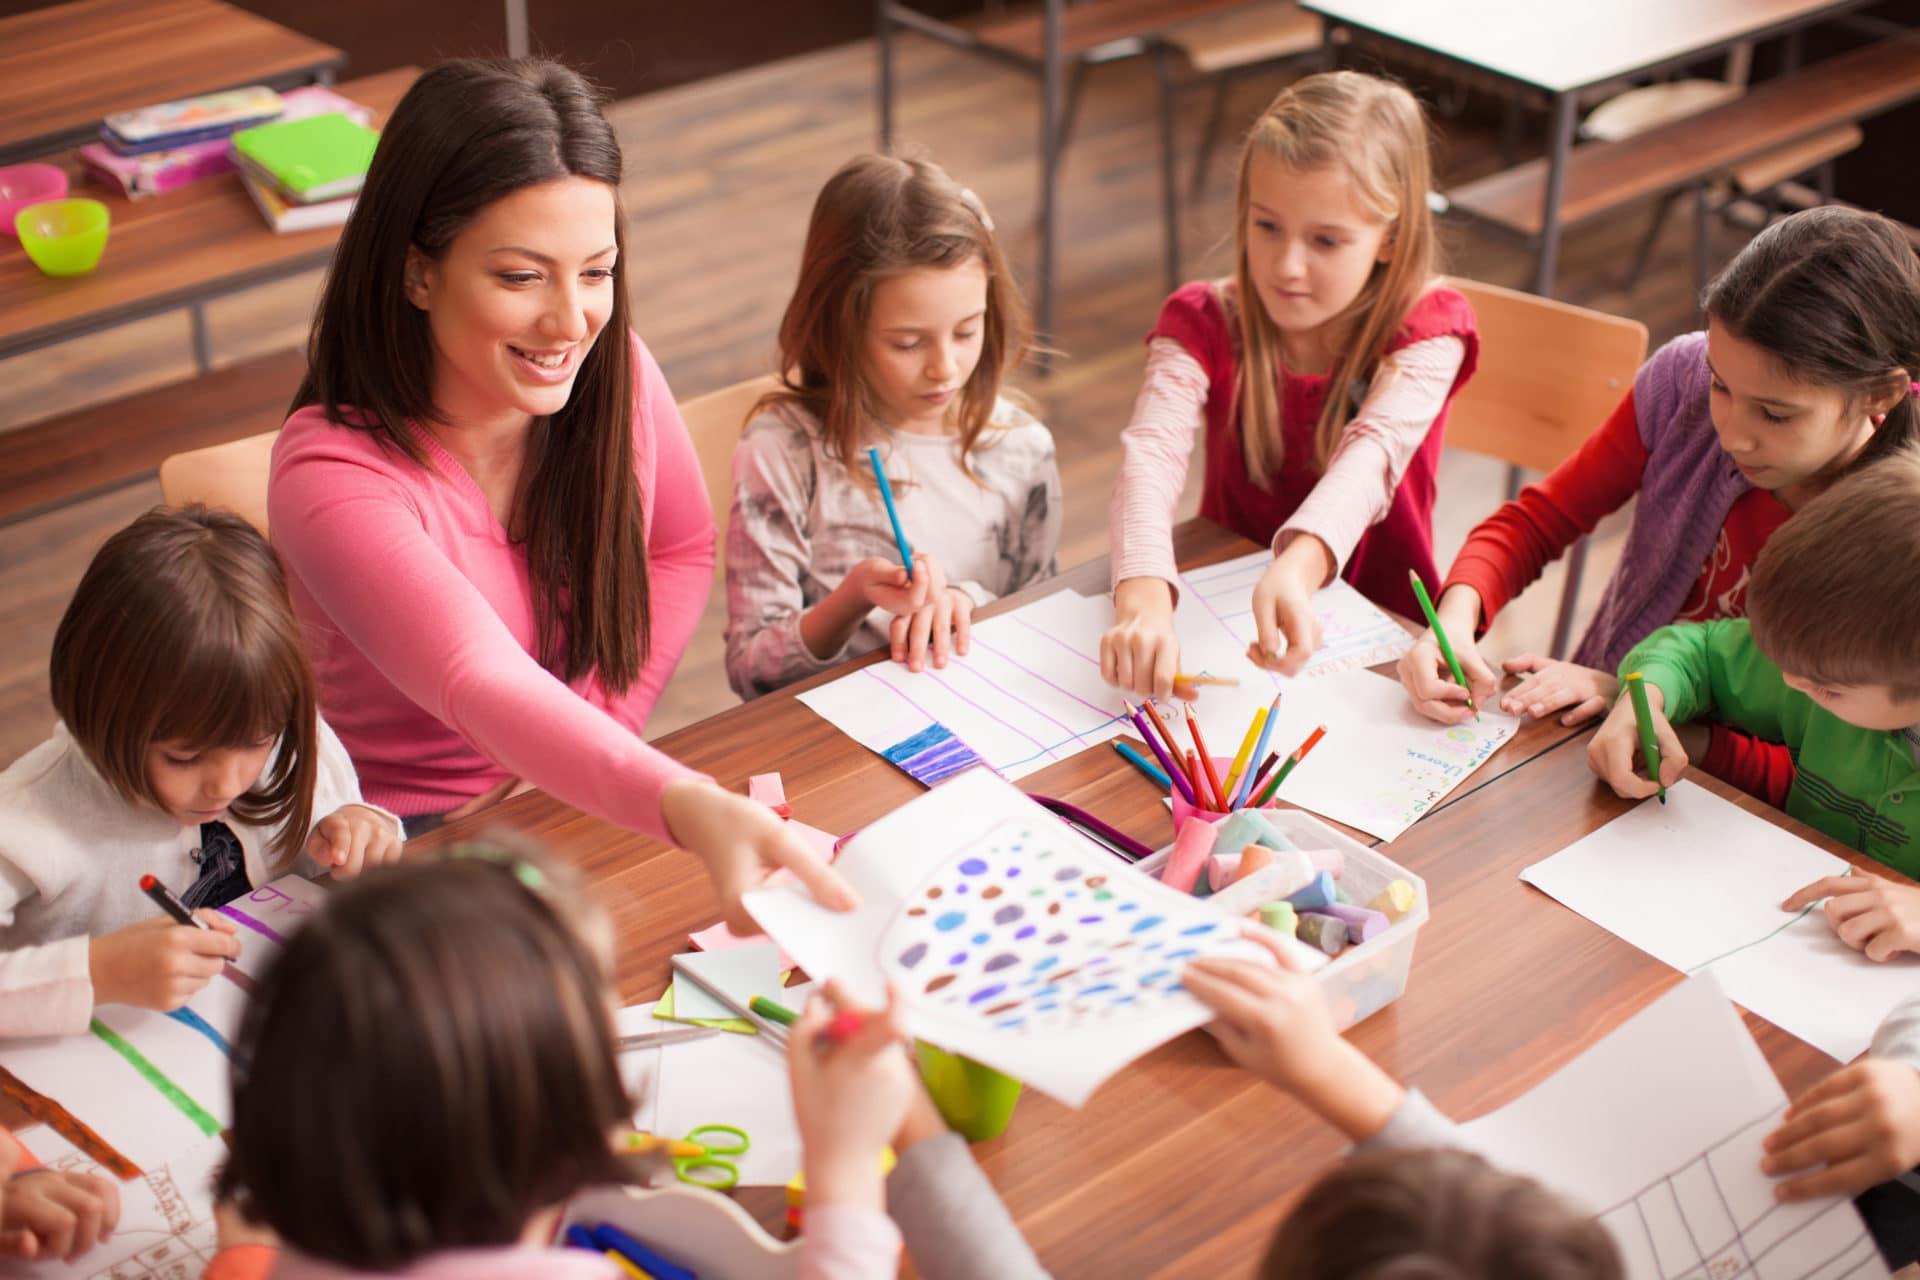 Детская развивающая методика Буквограмма